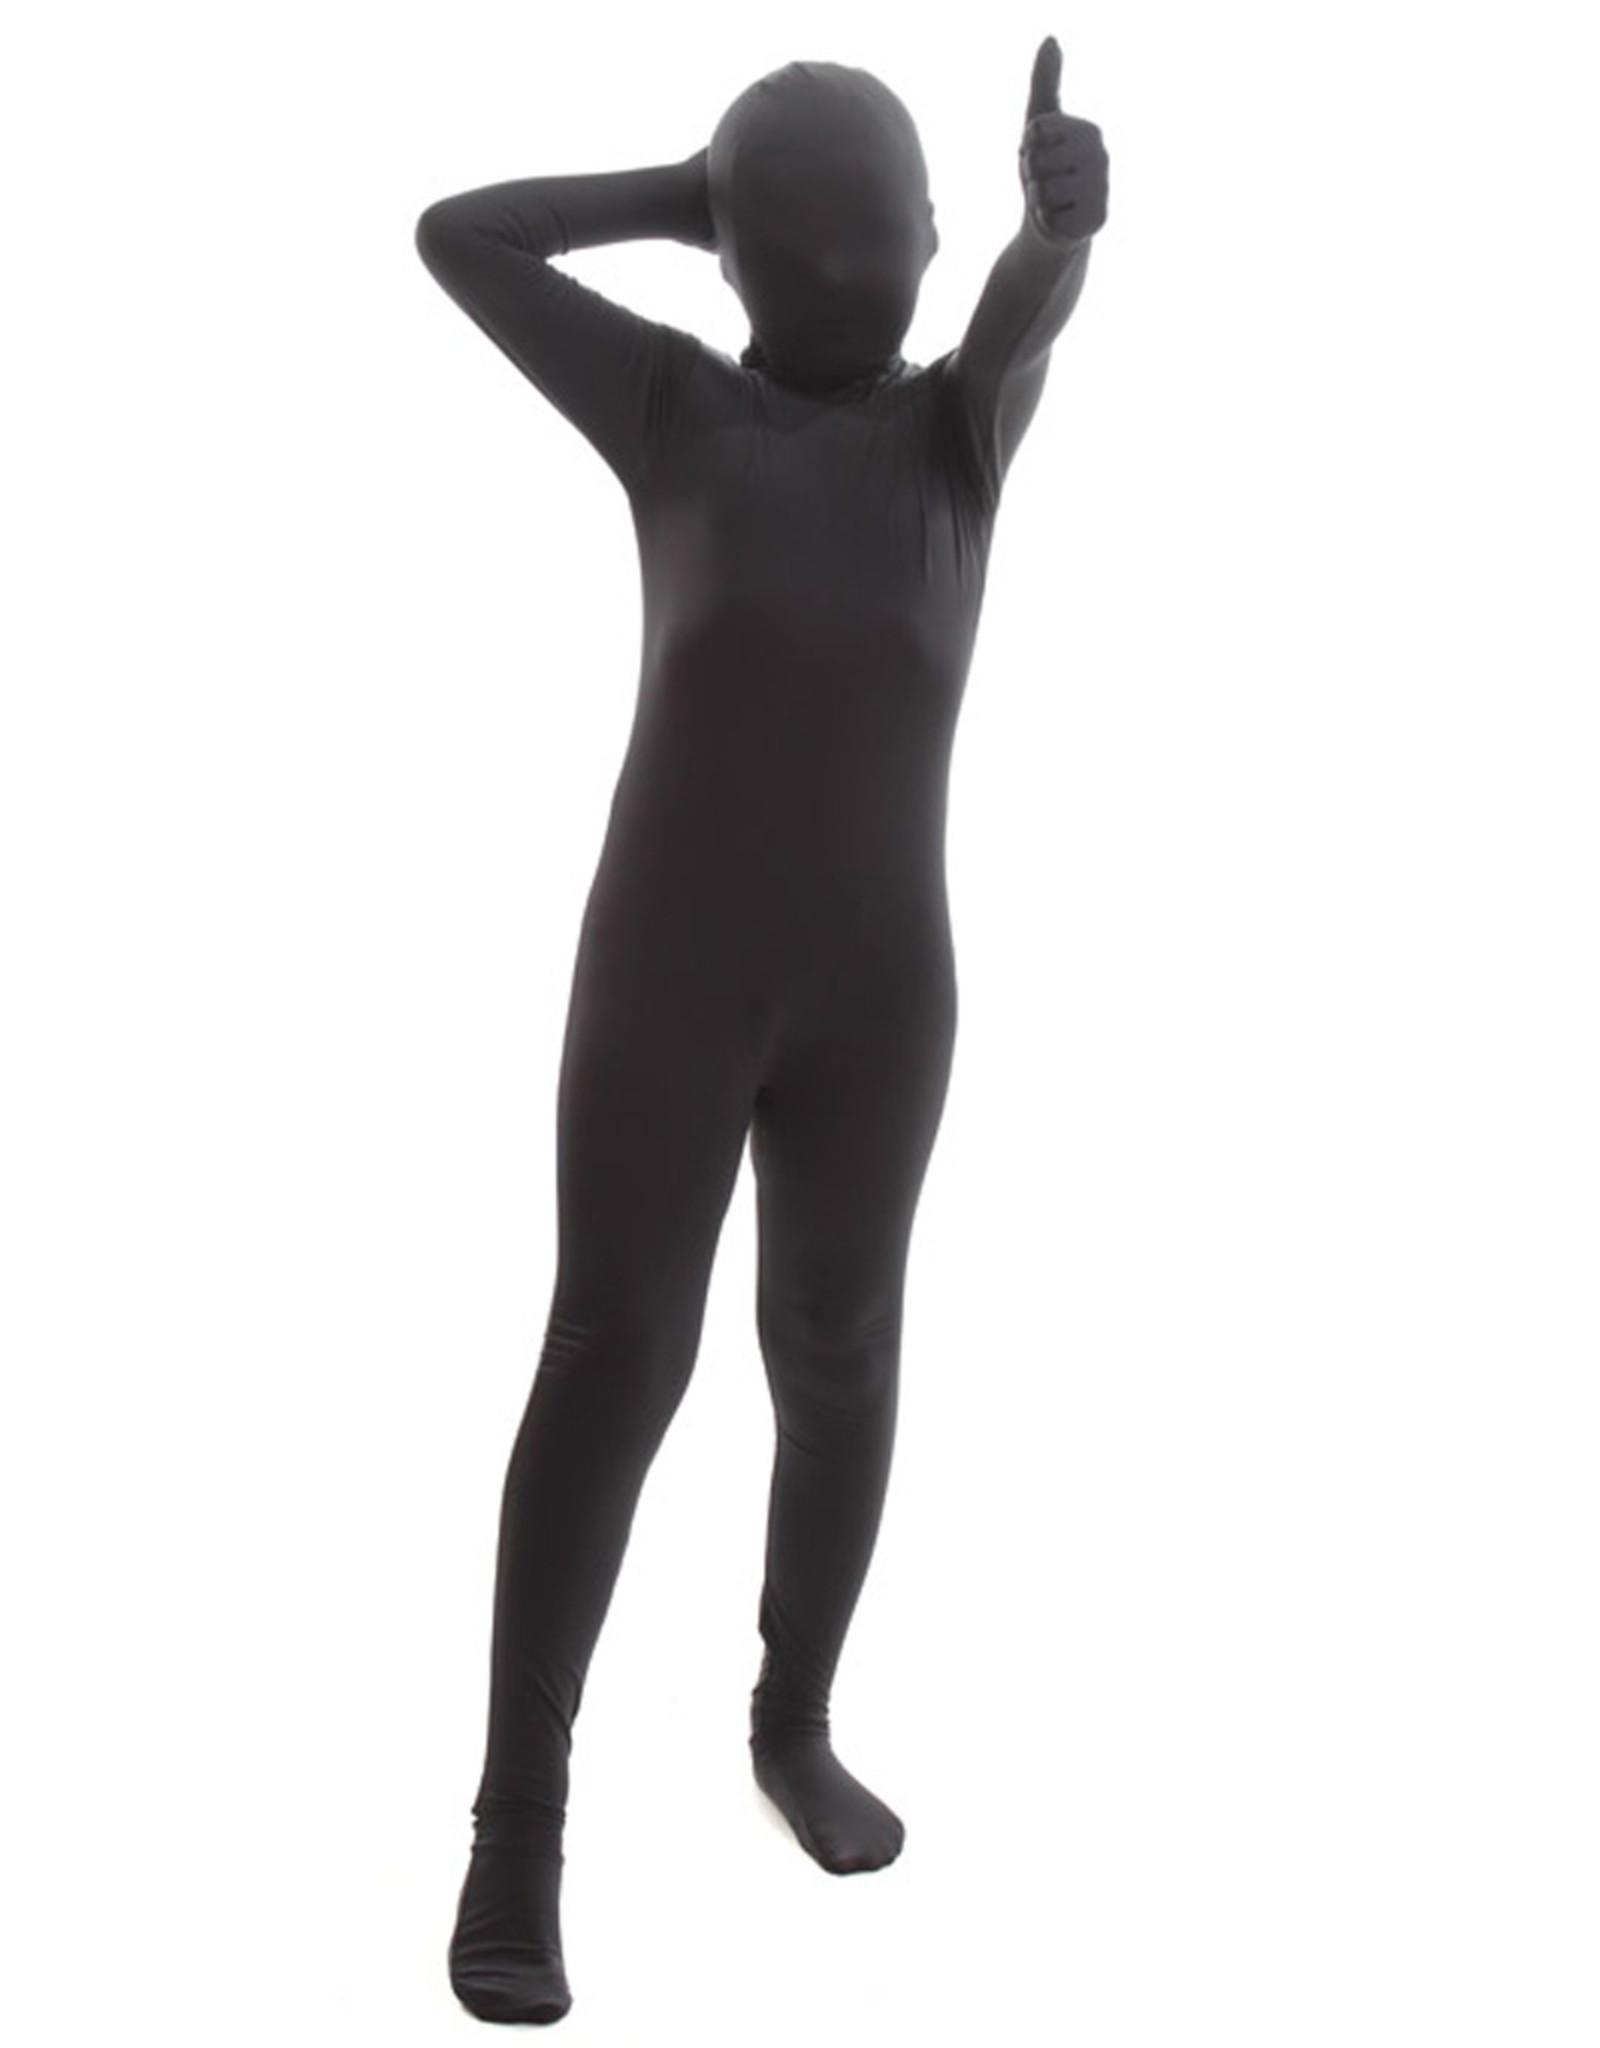 AFG MEDIA Black Morphsuit Costume - Boy's